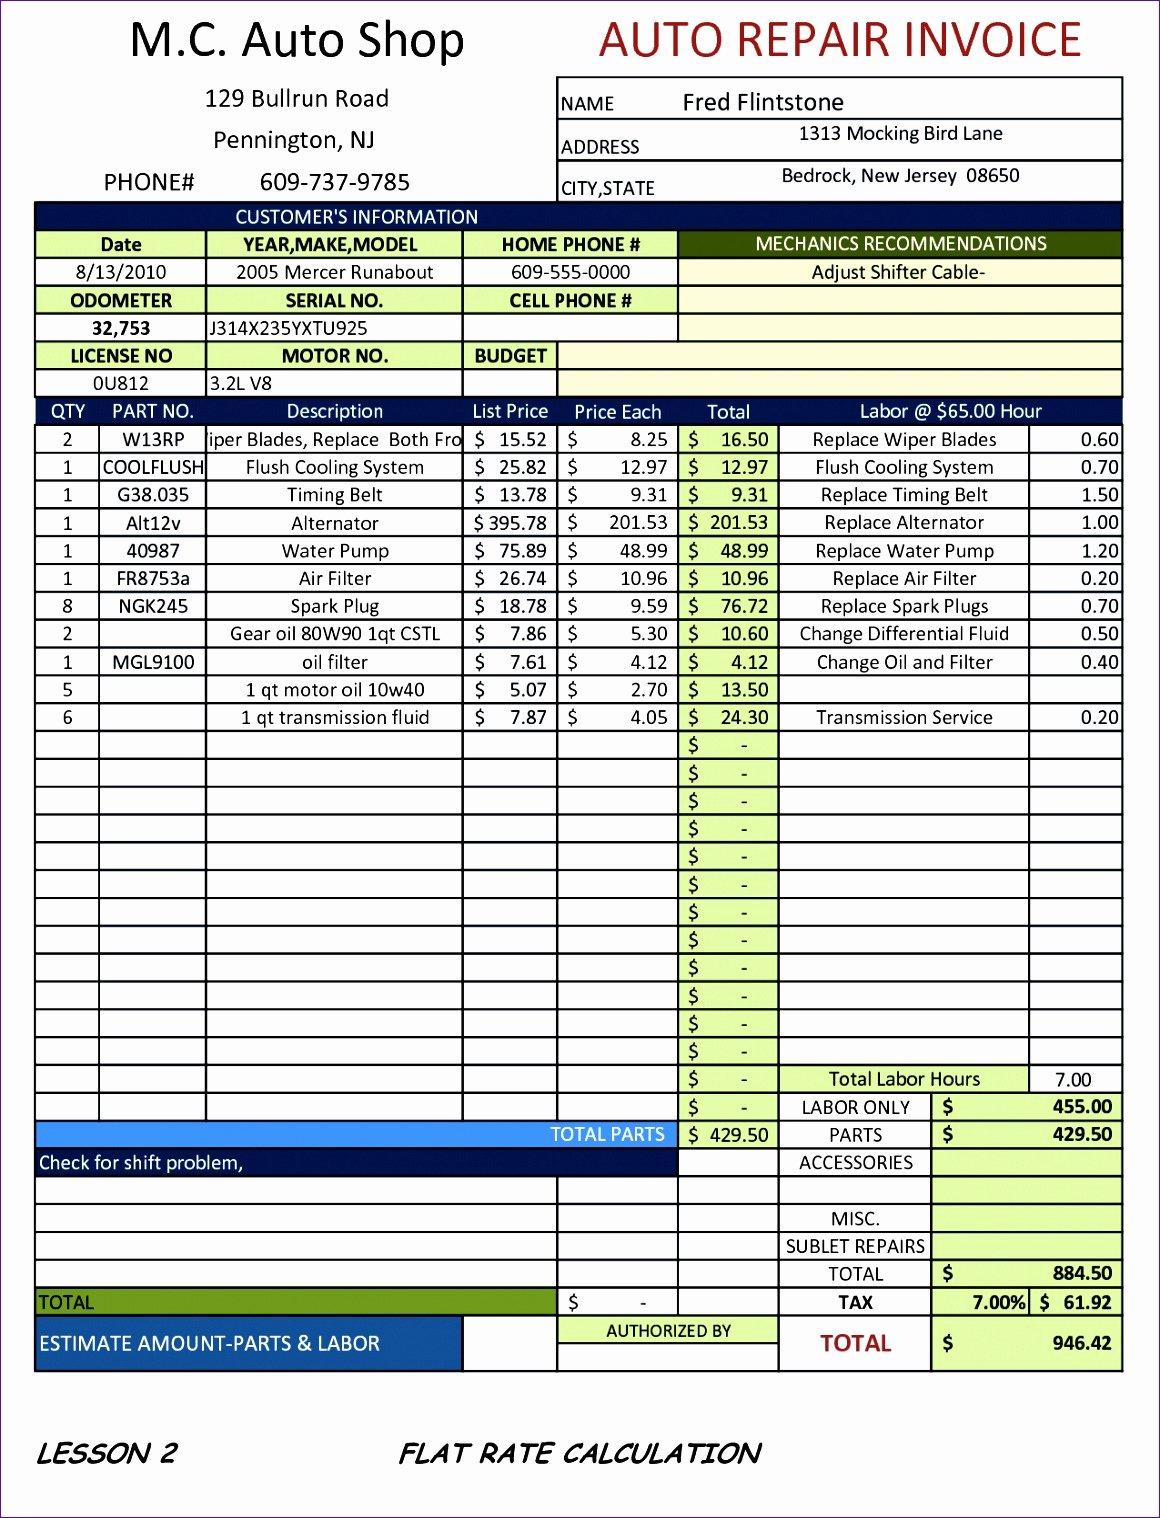 Auto Repair Invoice Template Elegant 10 Sample Proforma Invoice Excel Template Exceltemplates